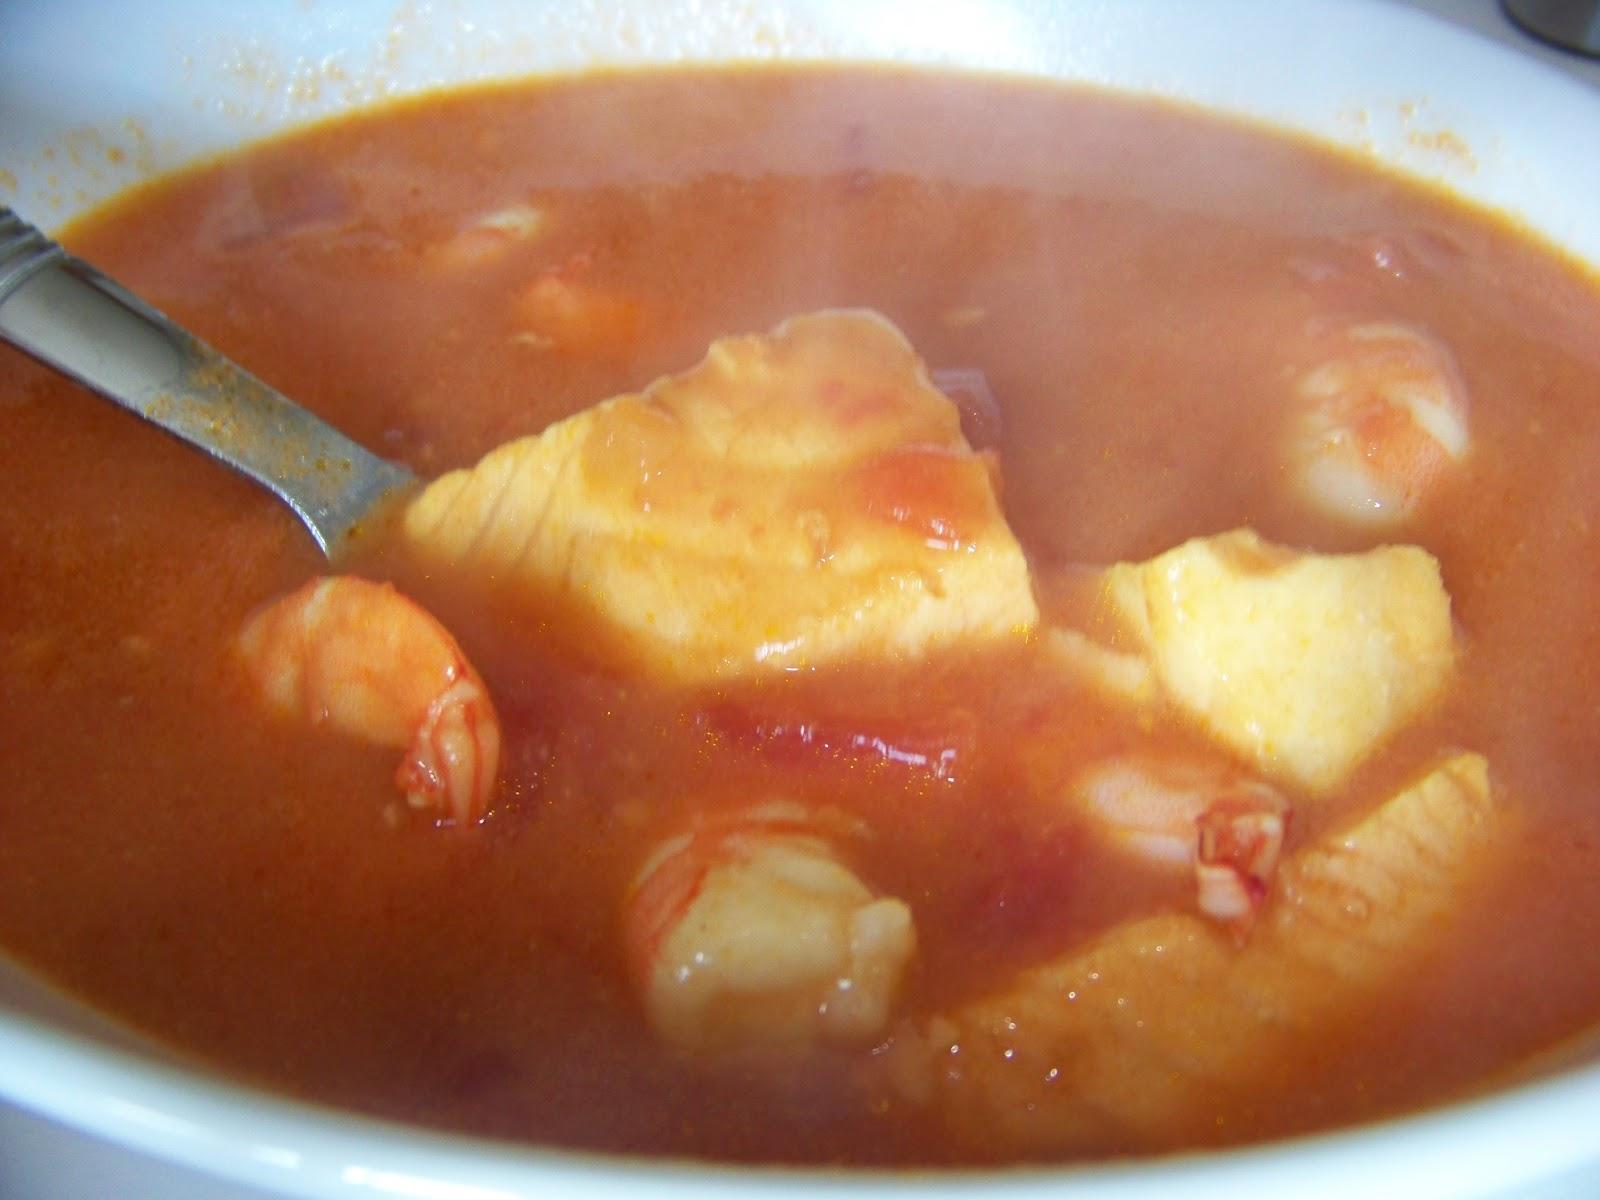 Couleurs cuisine soupe de poissons express - Cuisine soupe de poisson ...